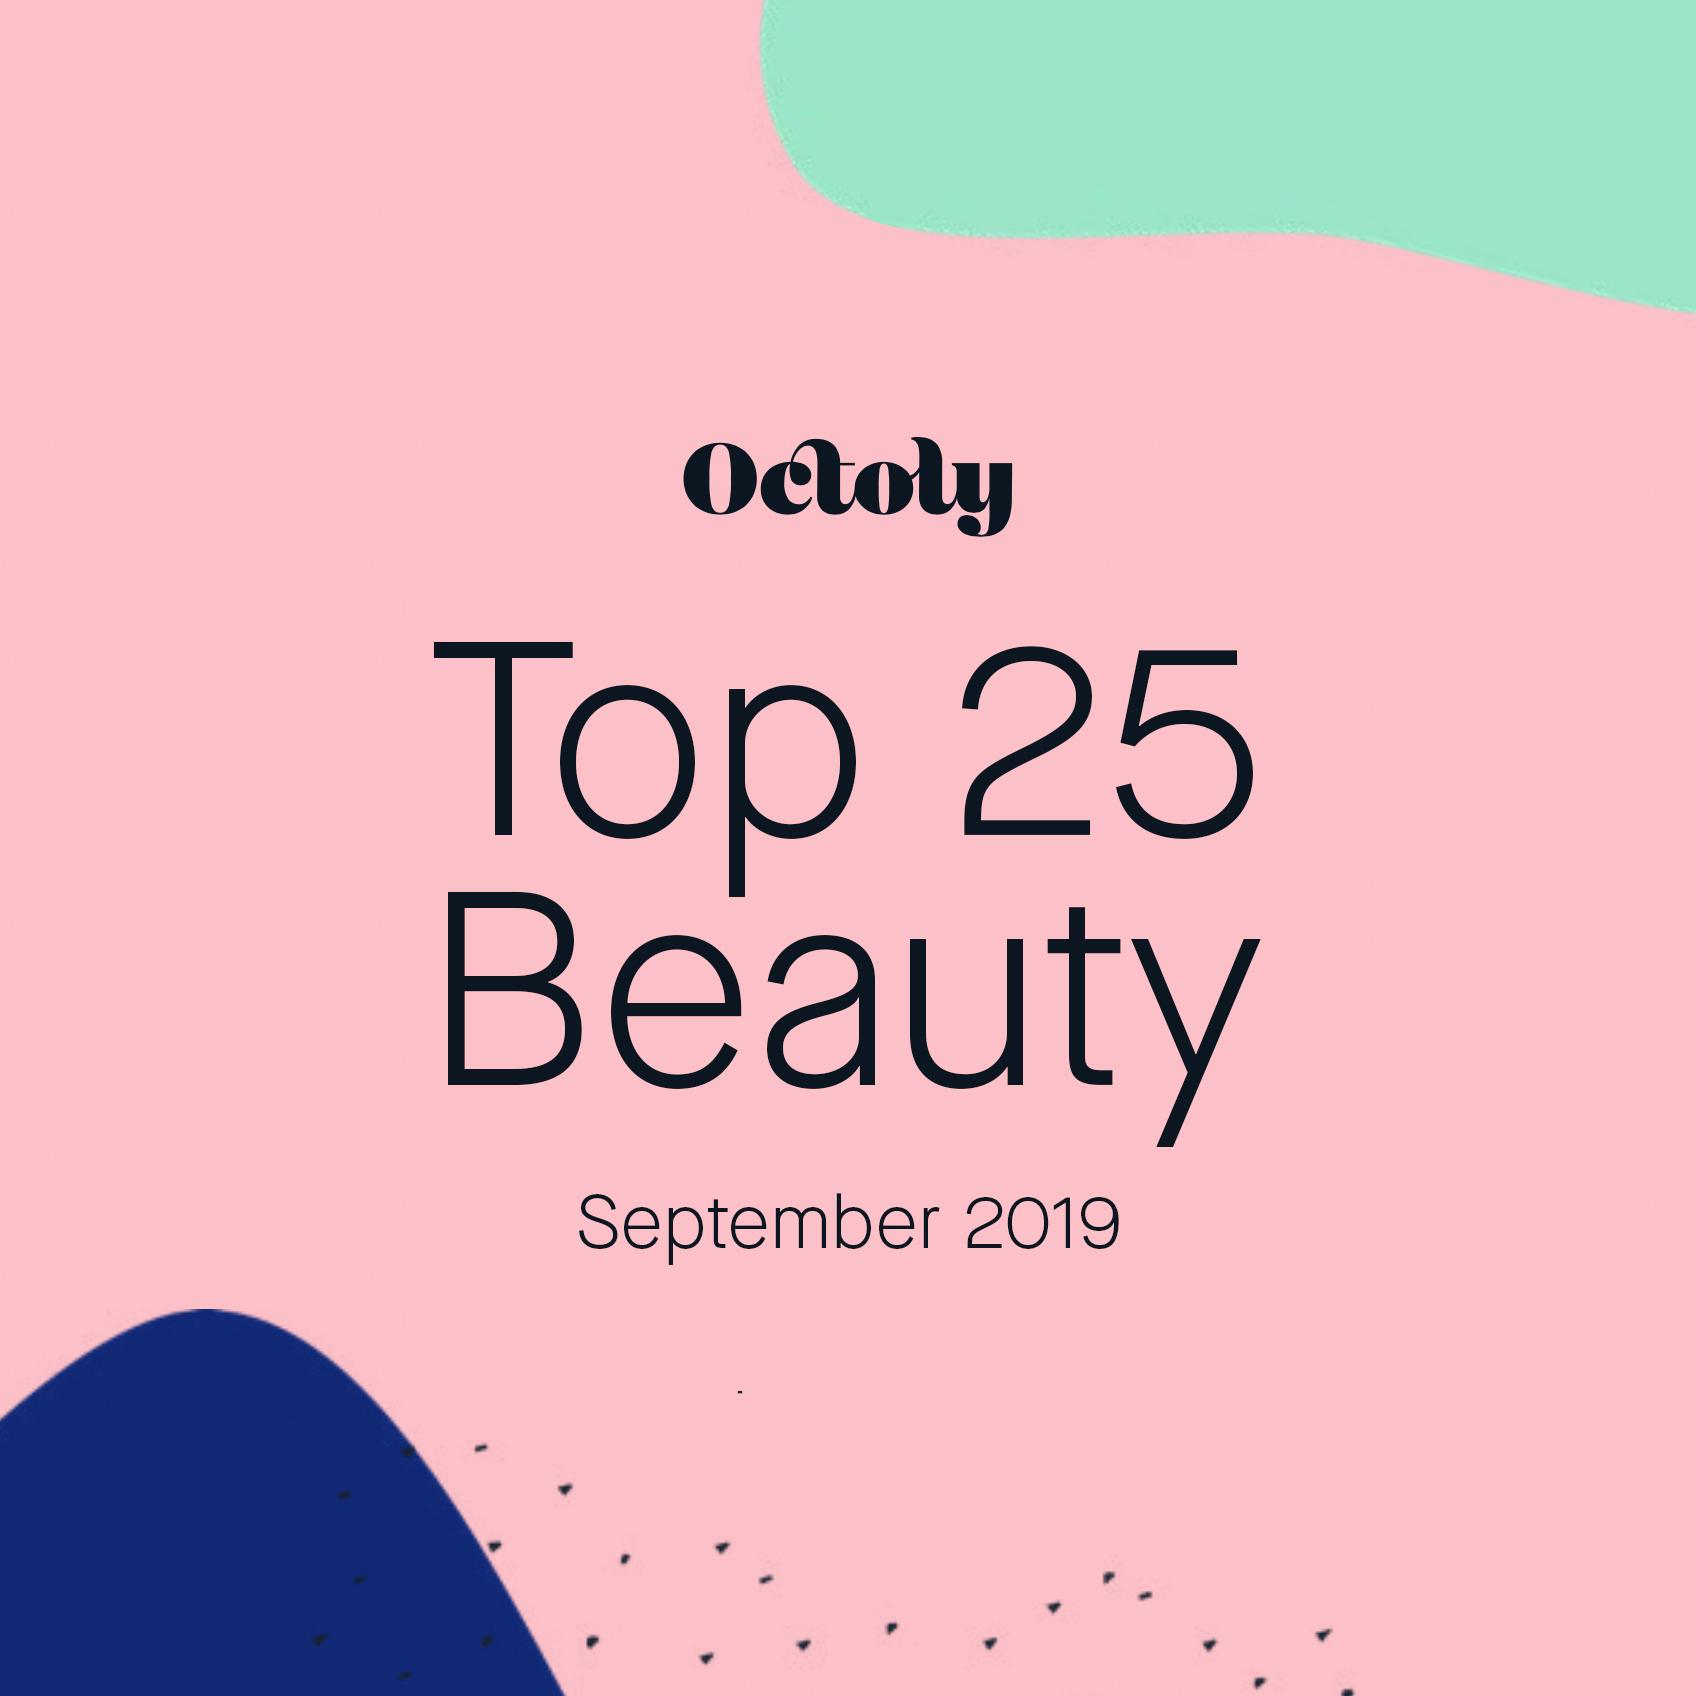 Beauty Rankings Brands Top 25